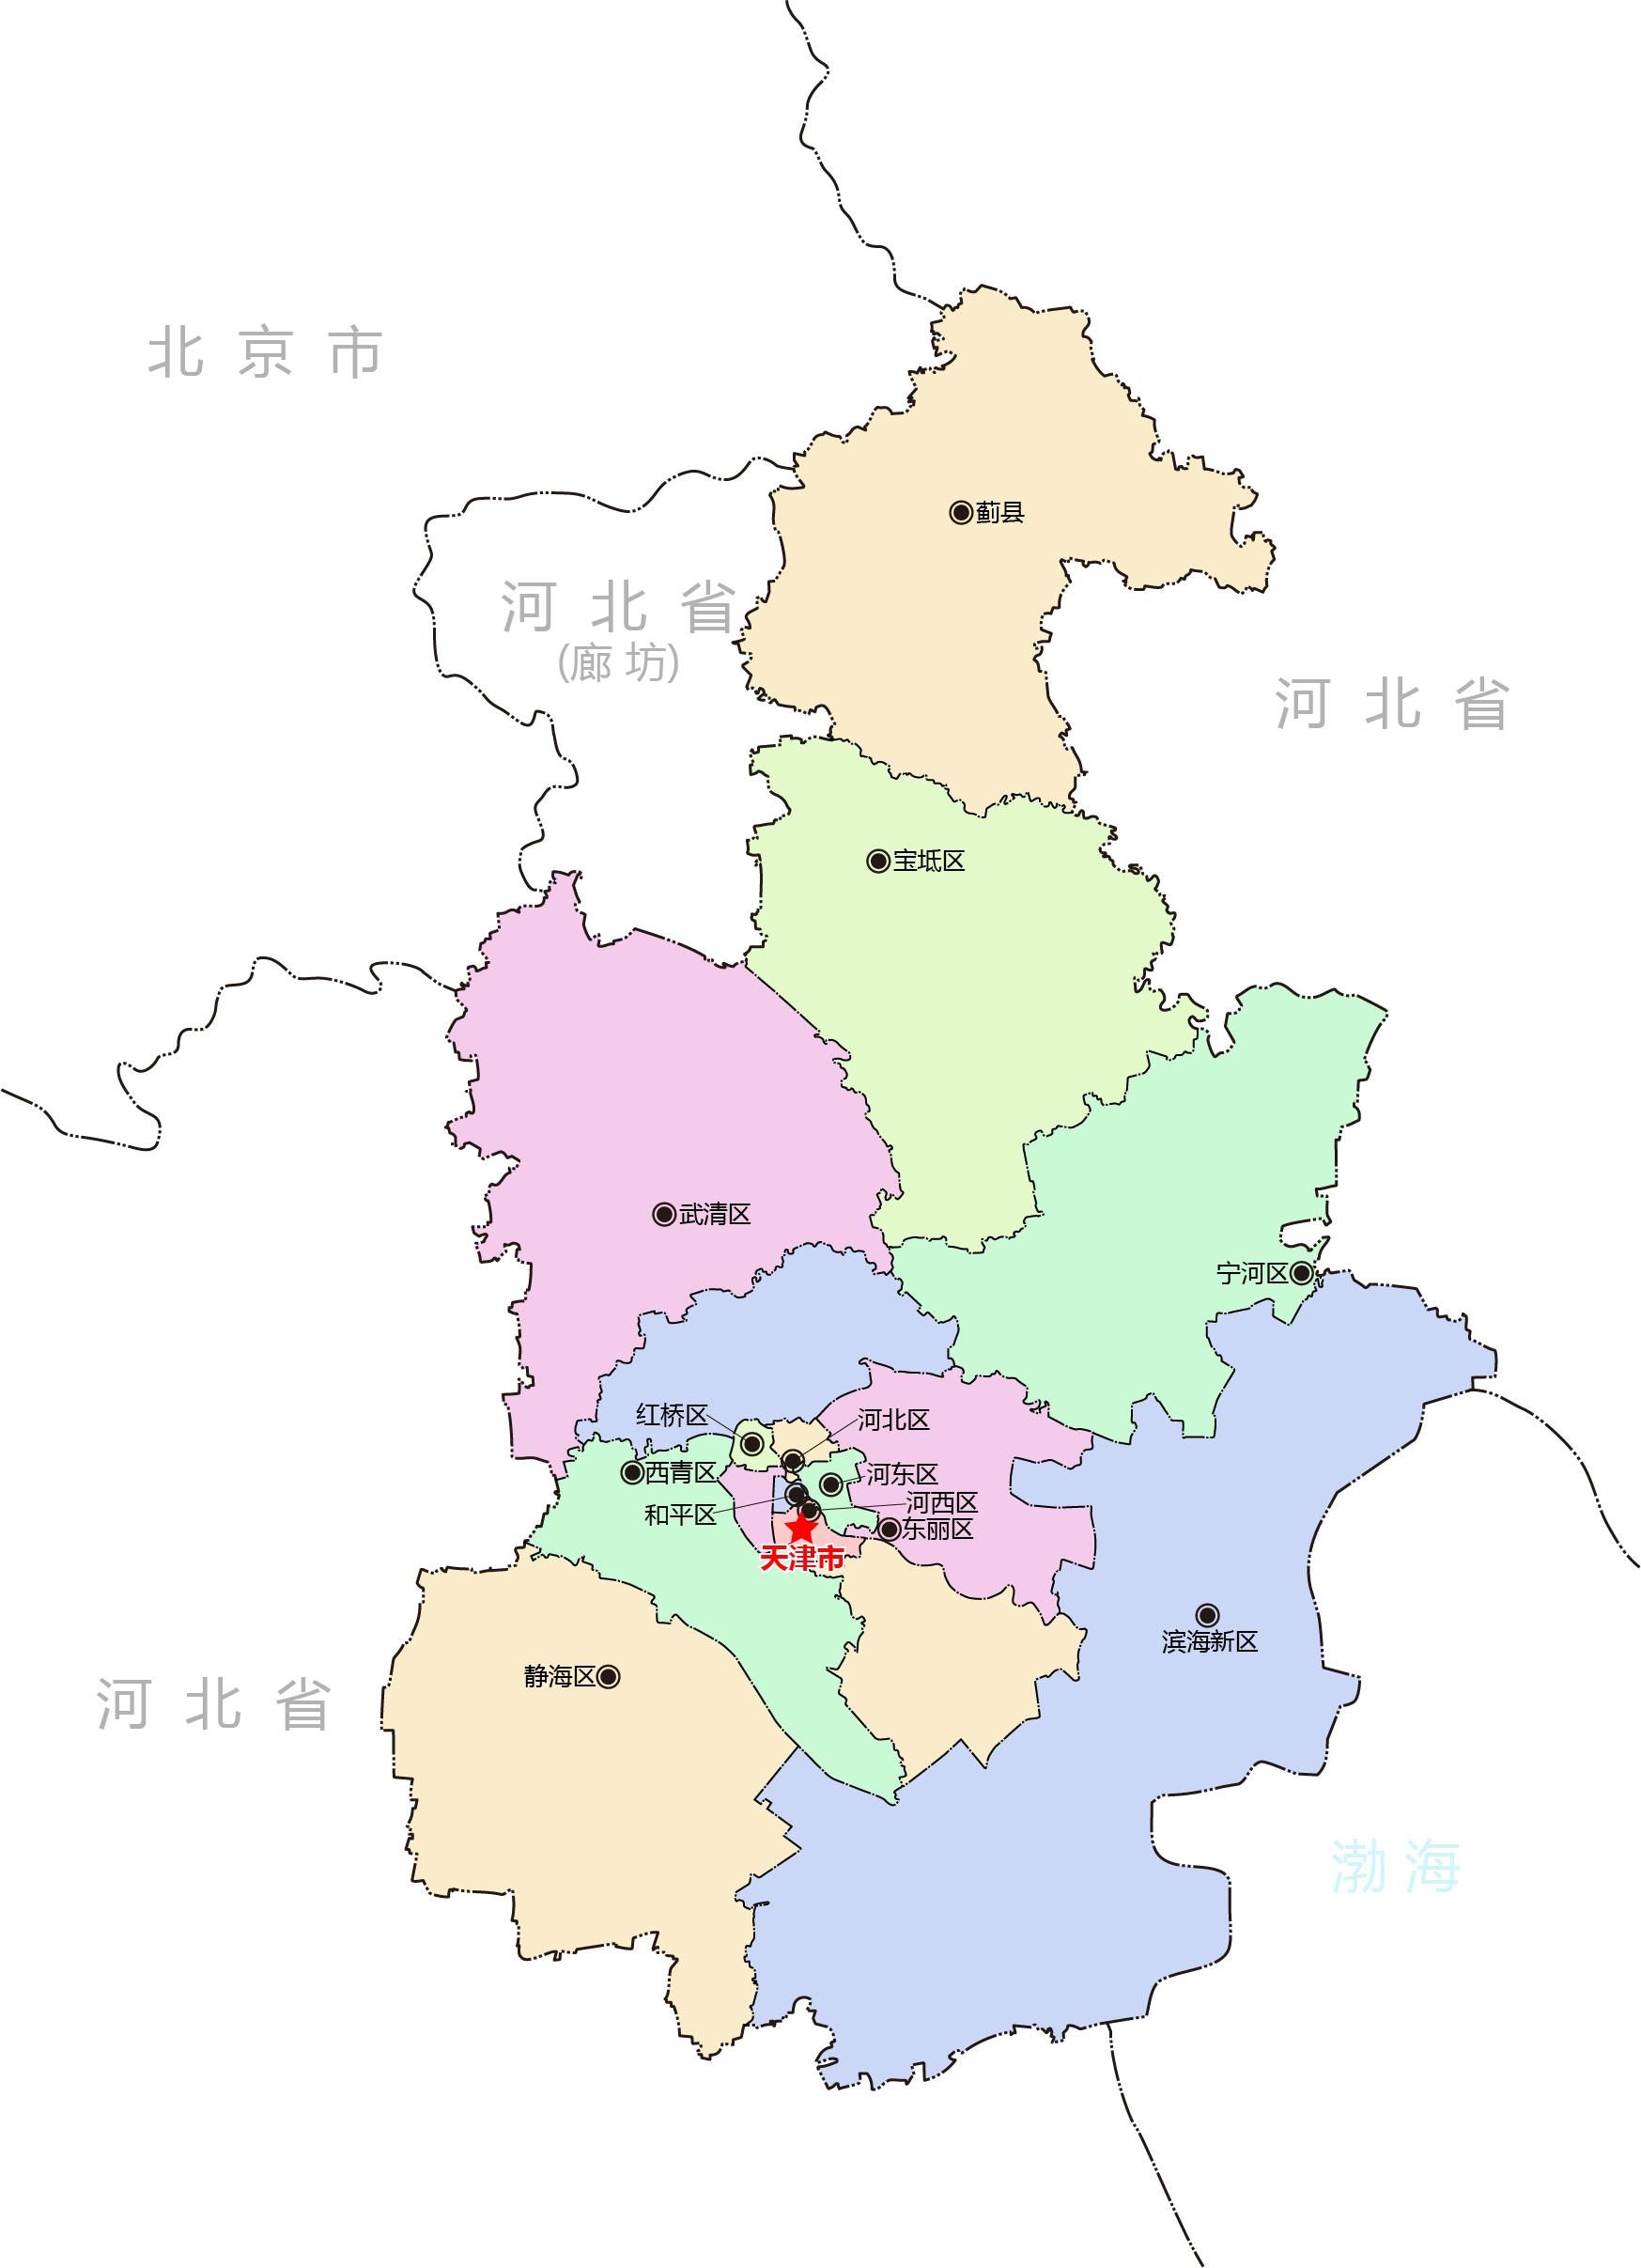 天津行政区划